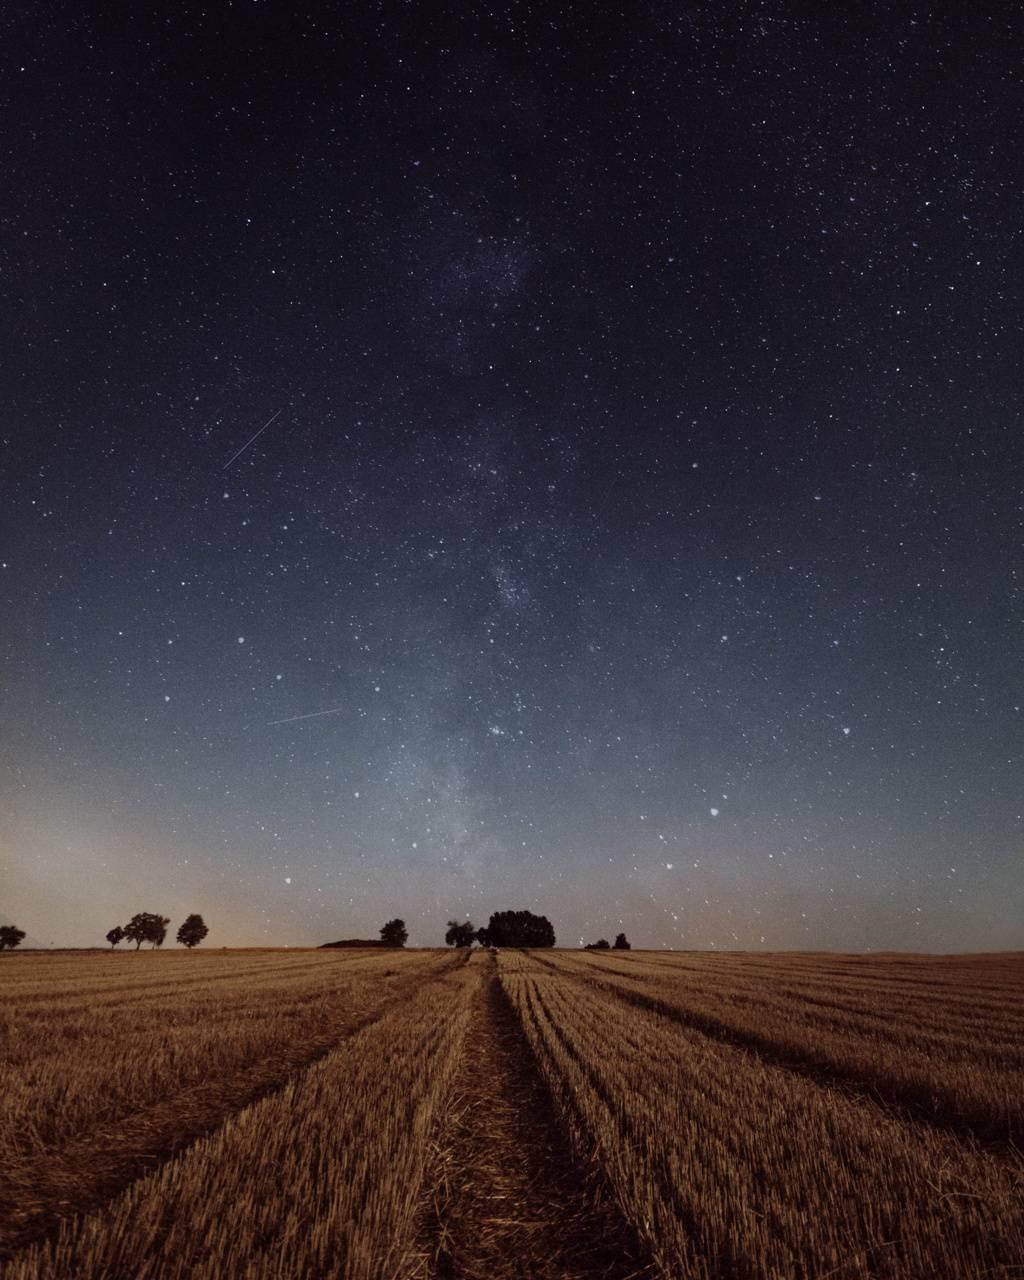 Galaxy fields